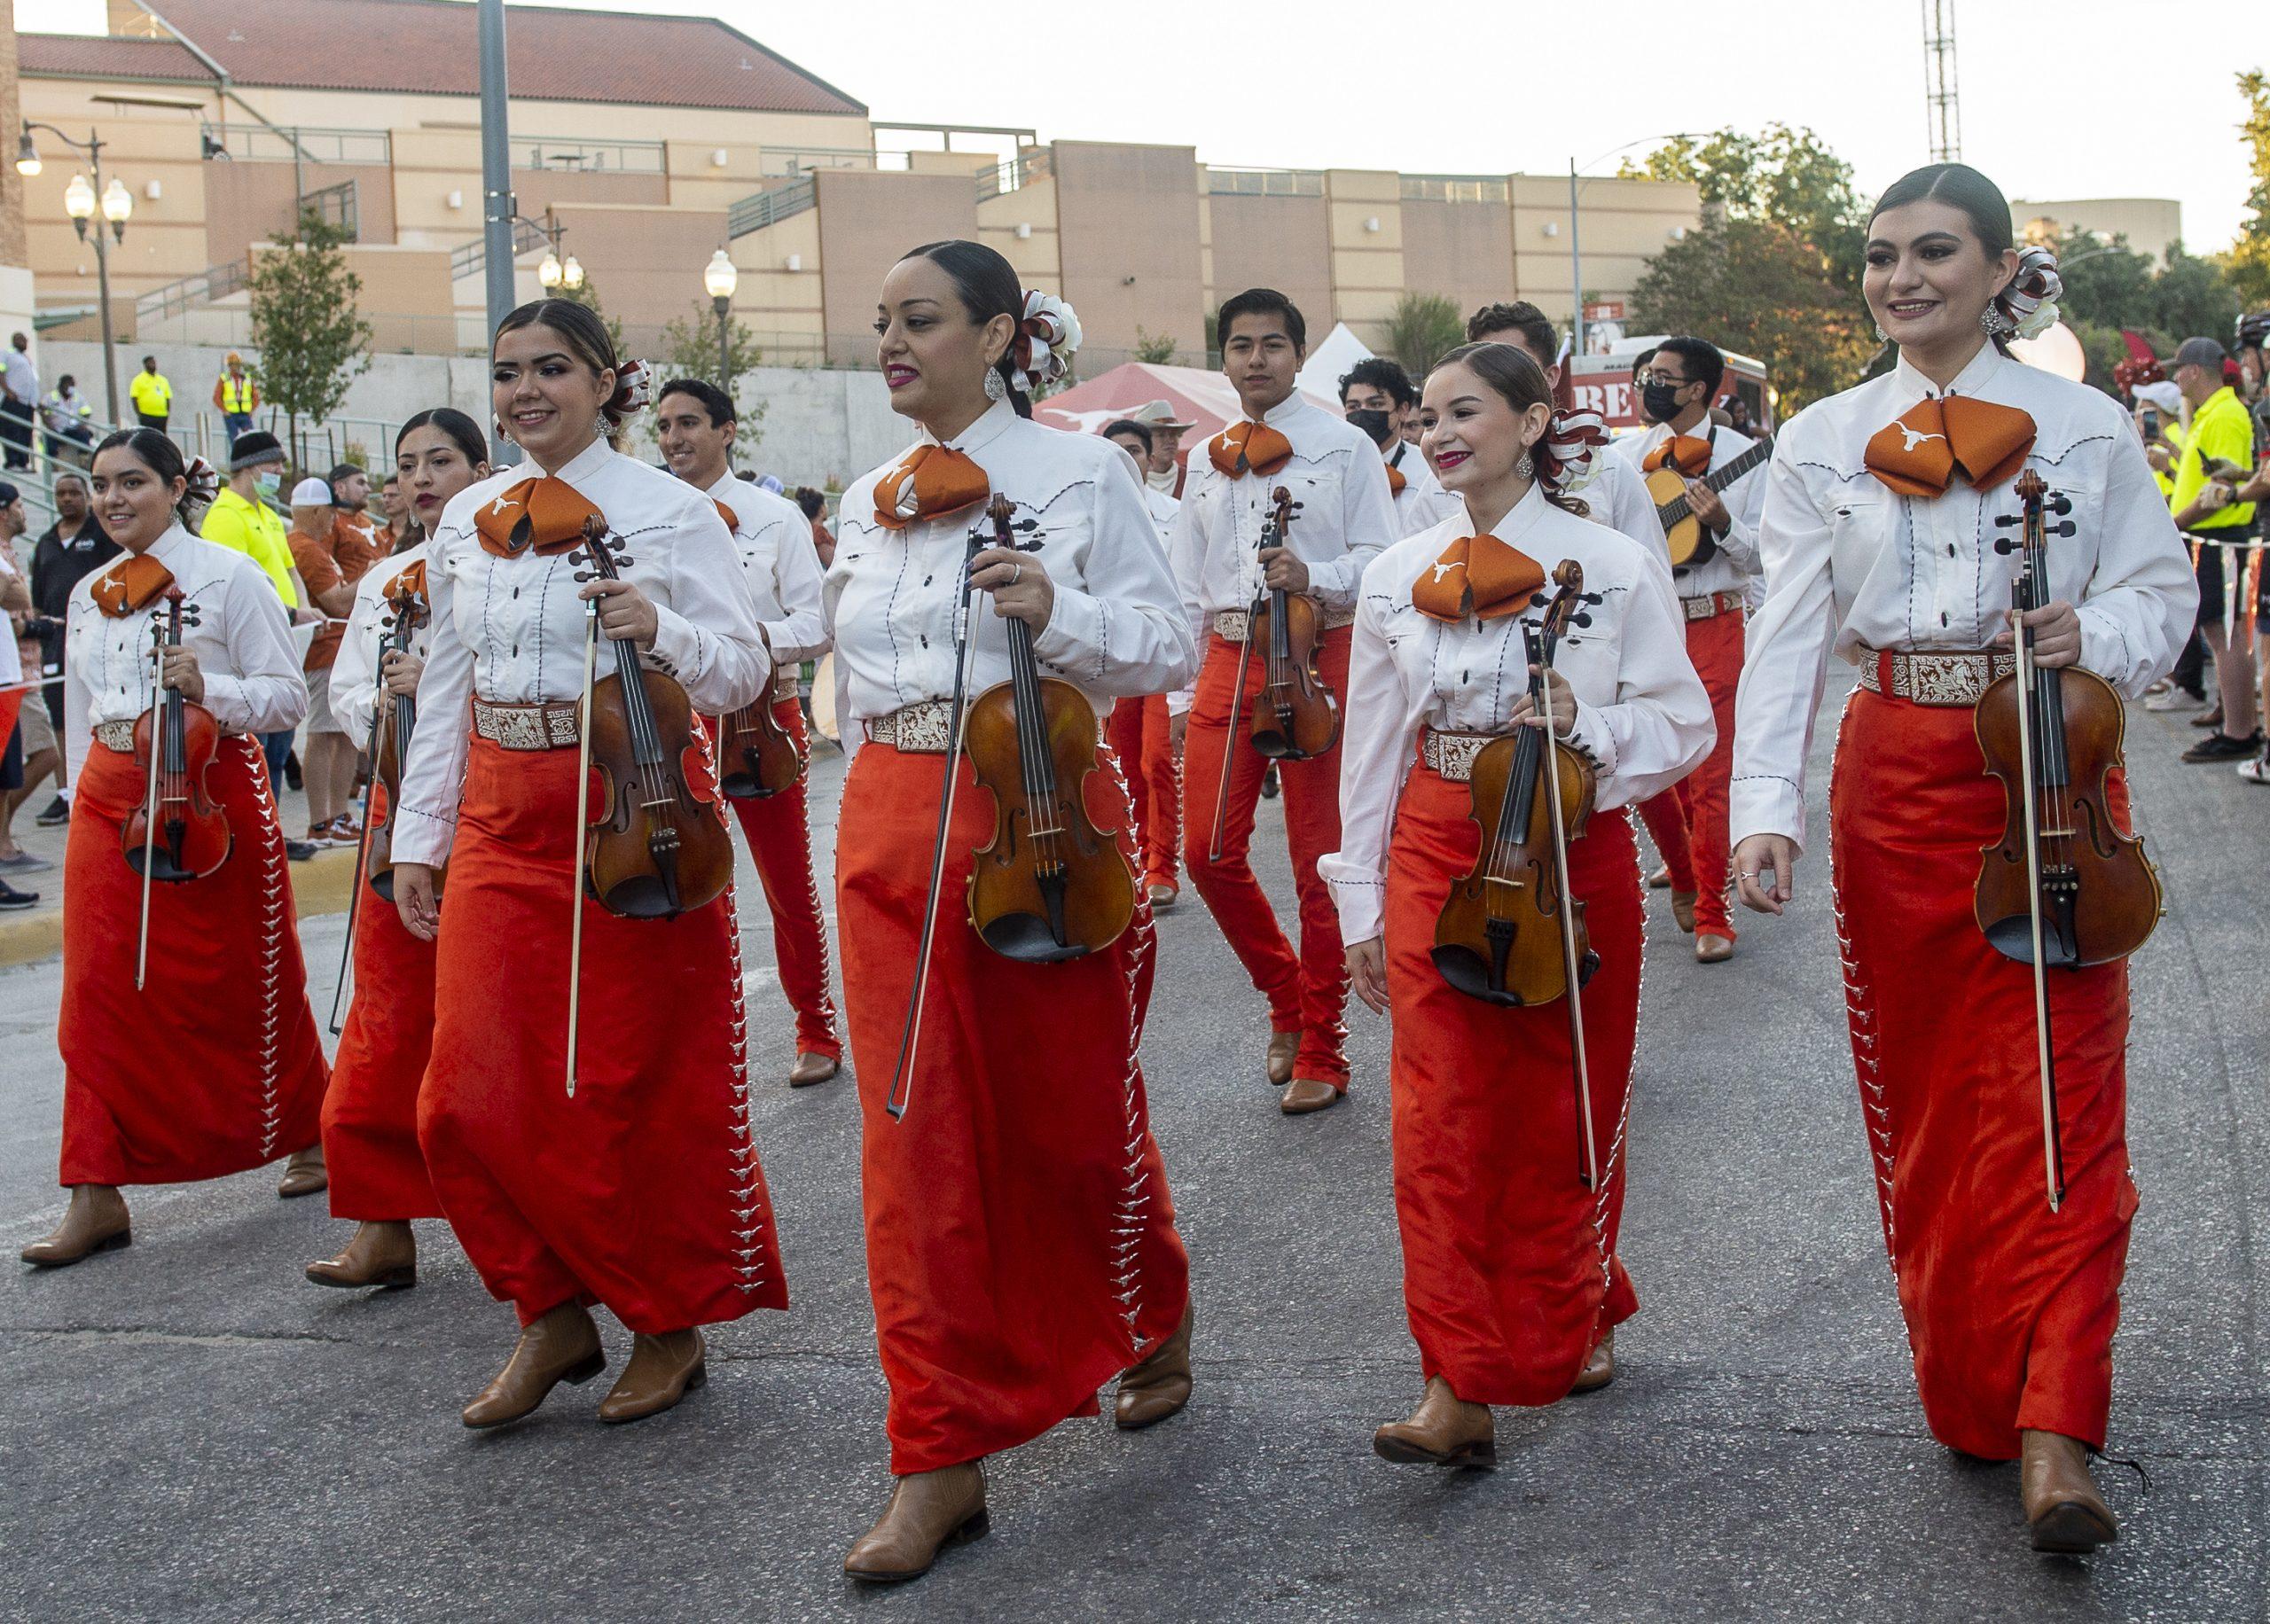 Mariachi Paredes de la Universidad de Texas